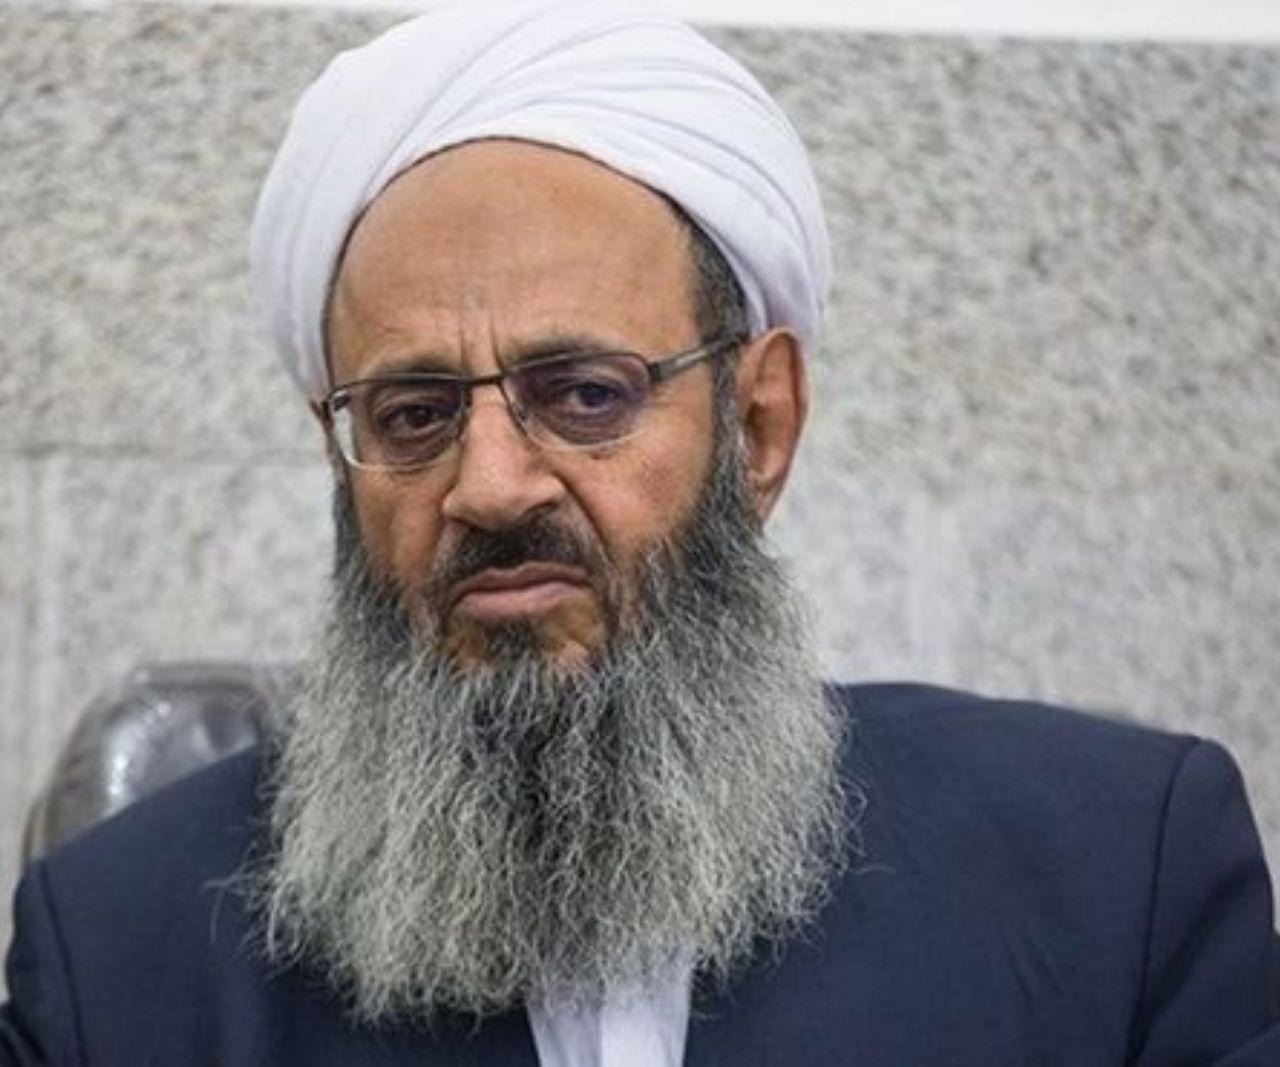 مولوی عبدالحمید: اسلام دین مذاکره و گفتوگو است/حق توهین به مقدسات مردم را نداریم